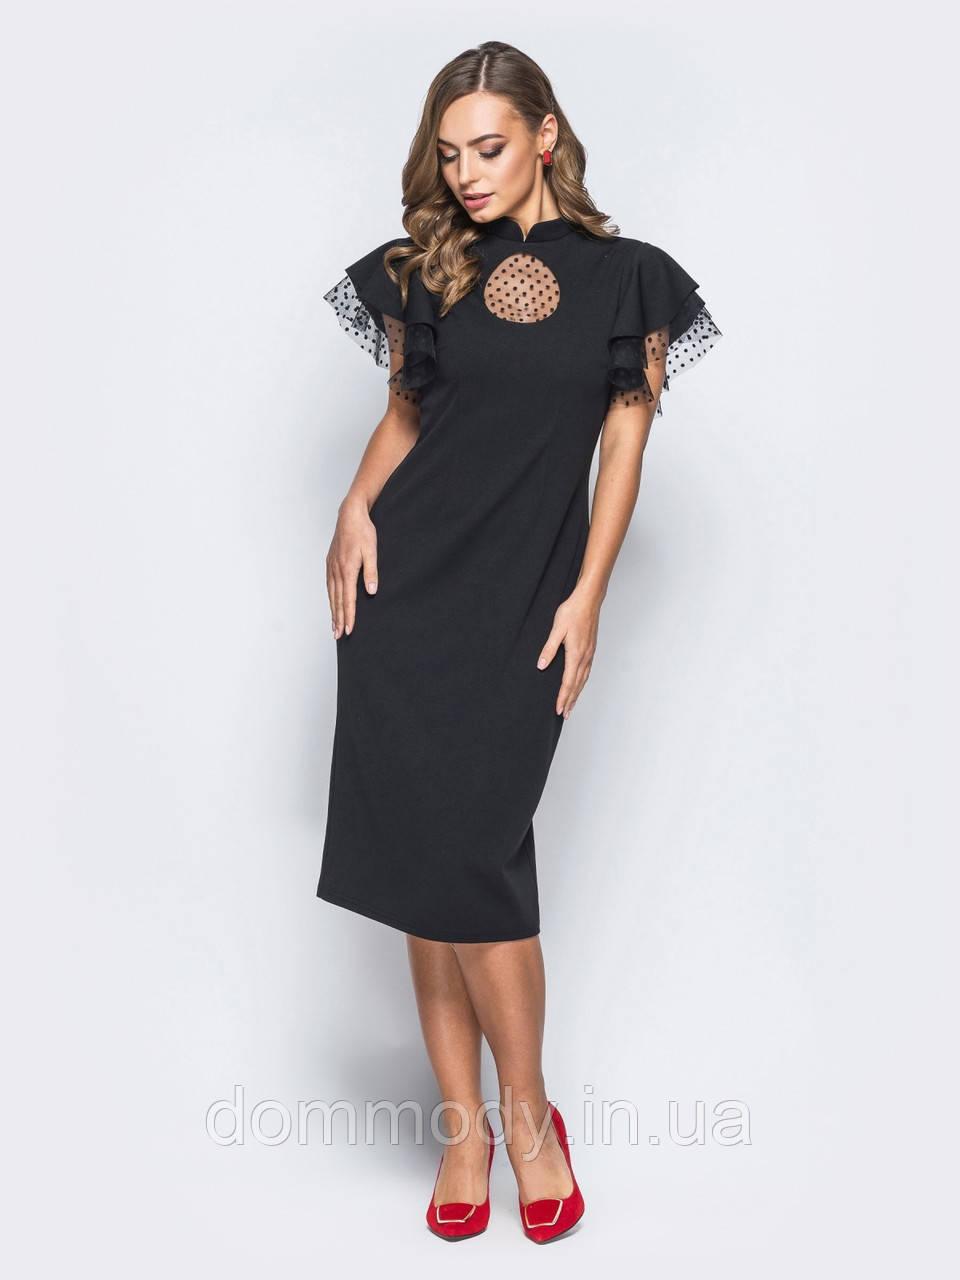 Платье женское Vanessa black